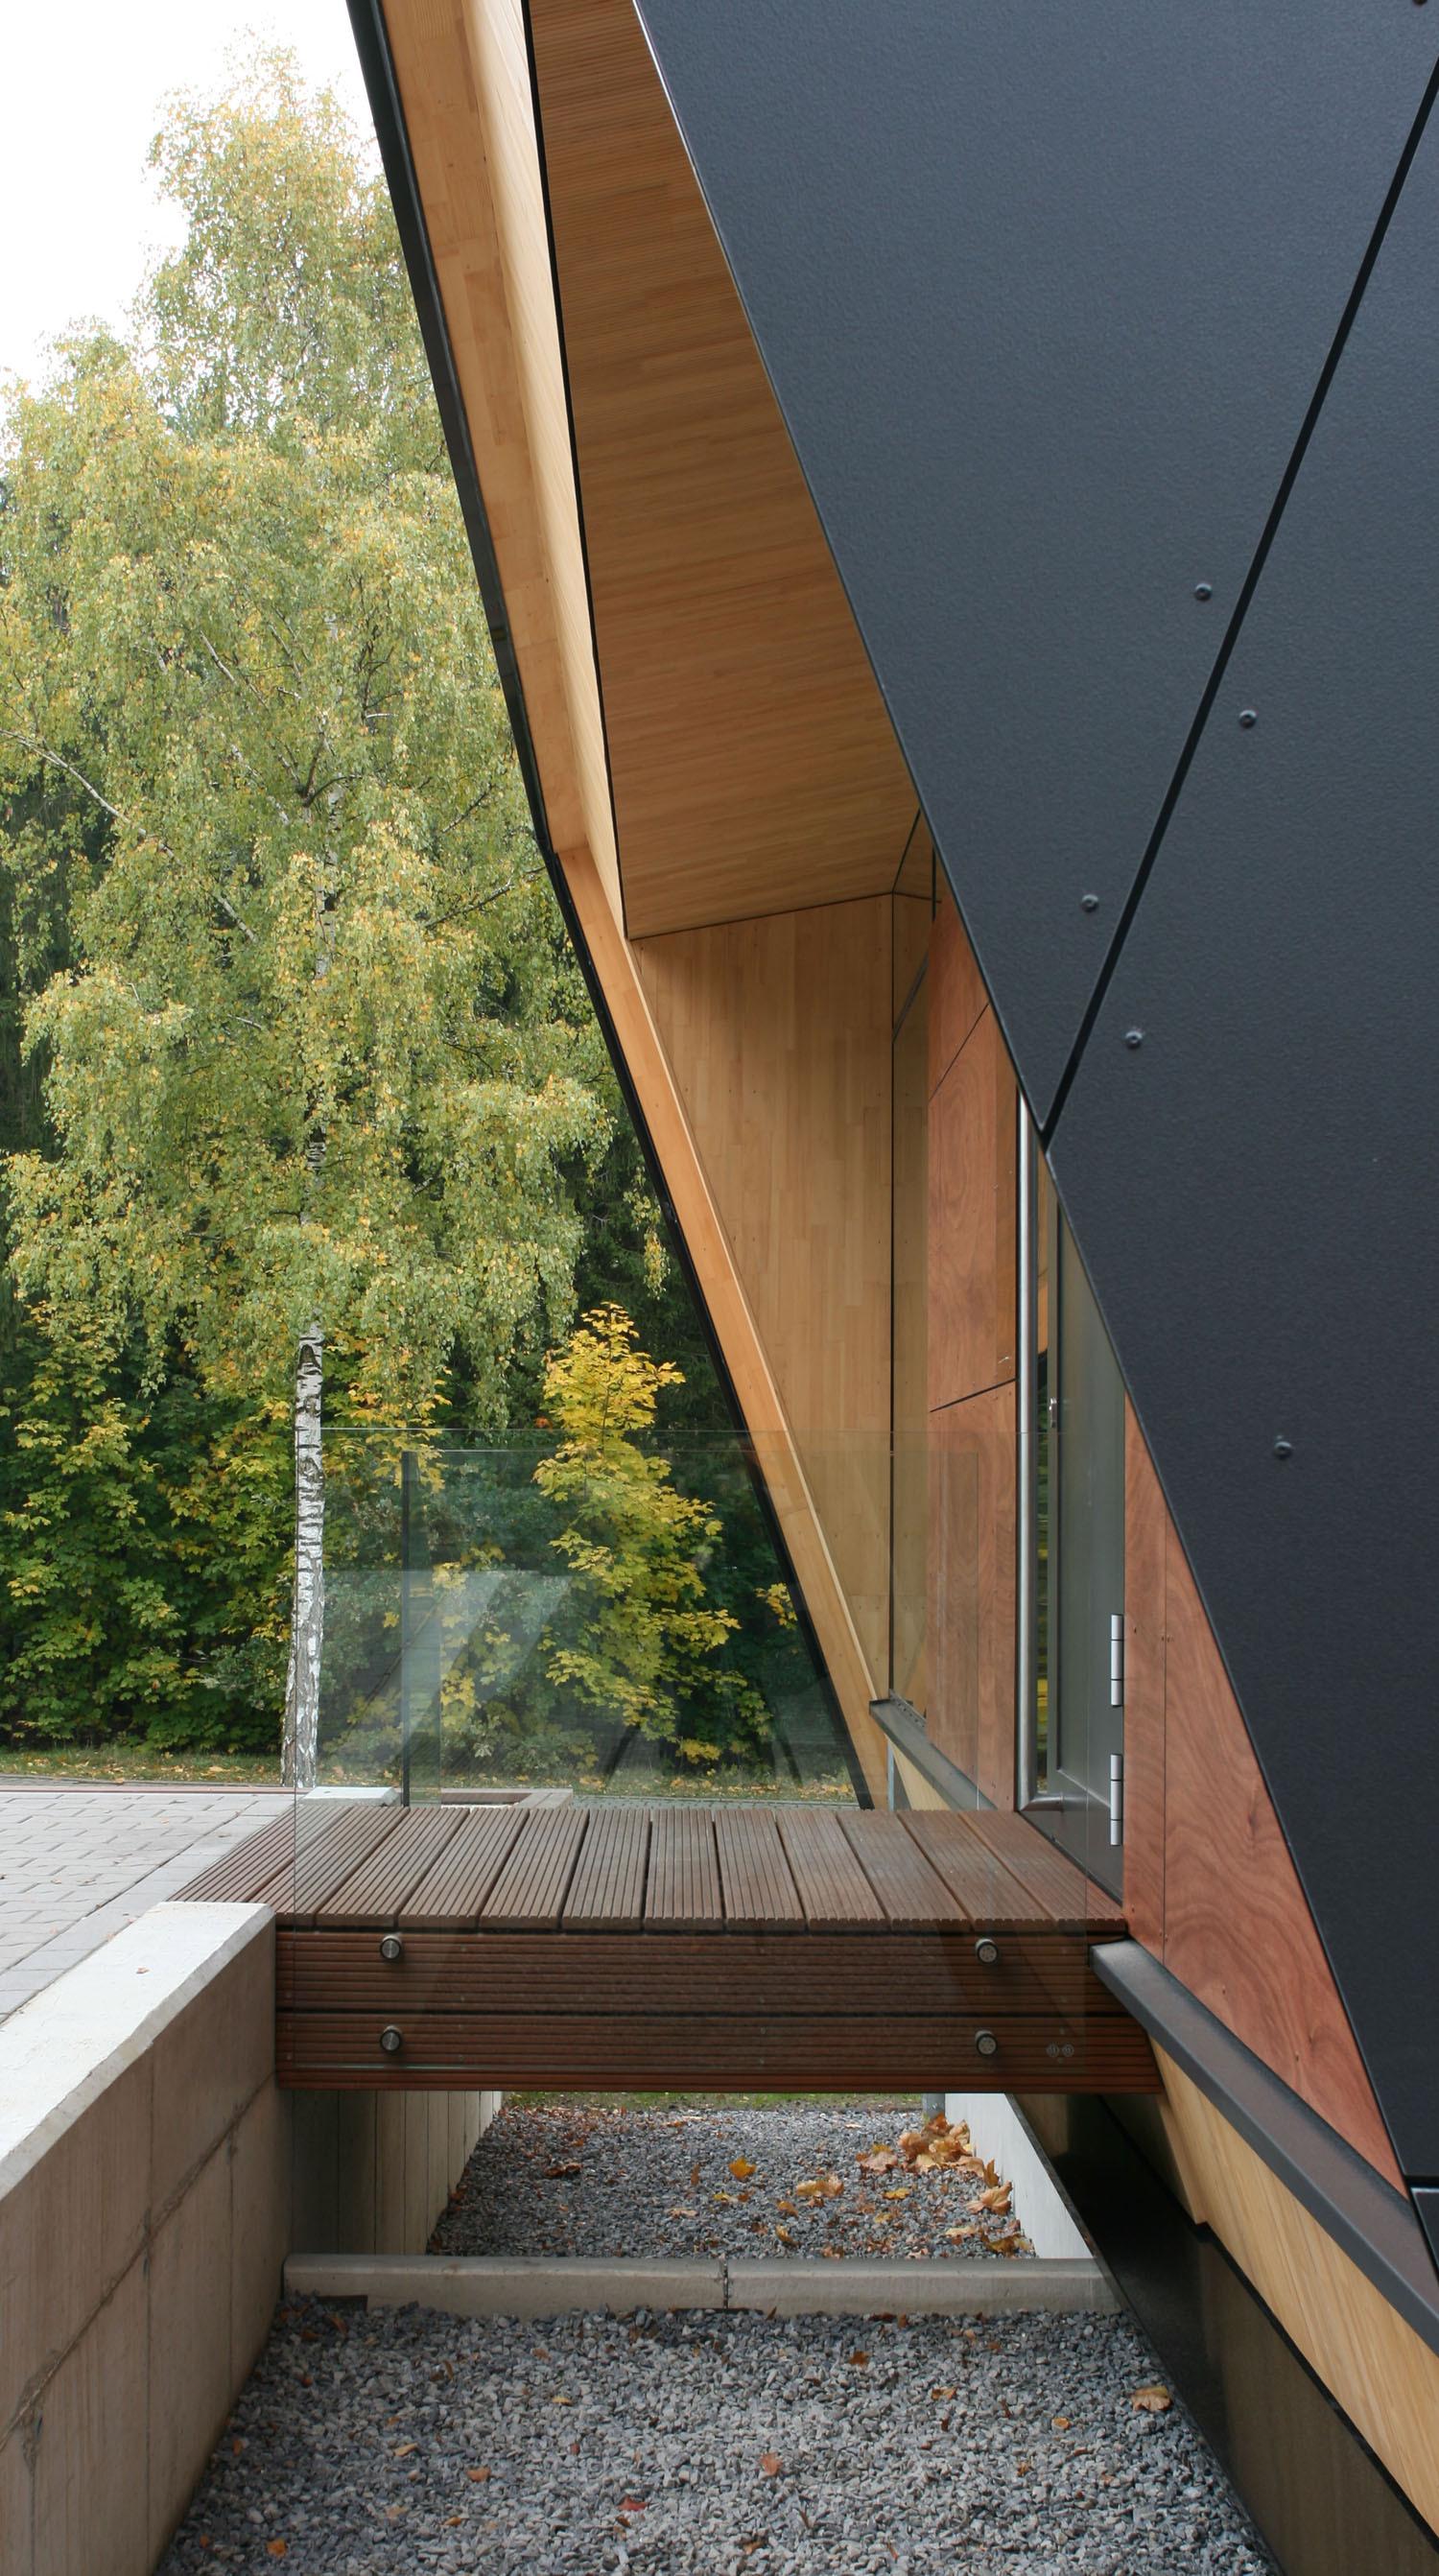 Gallery of interview krogmann headquarters despang architekten 13 - Despang architekten ...